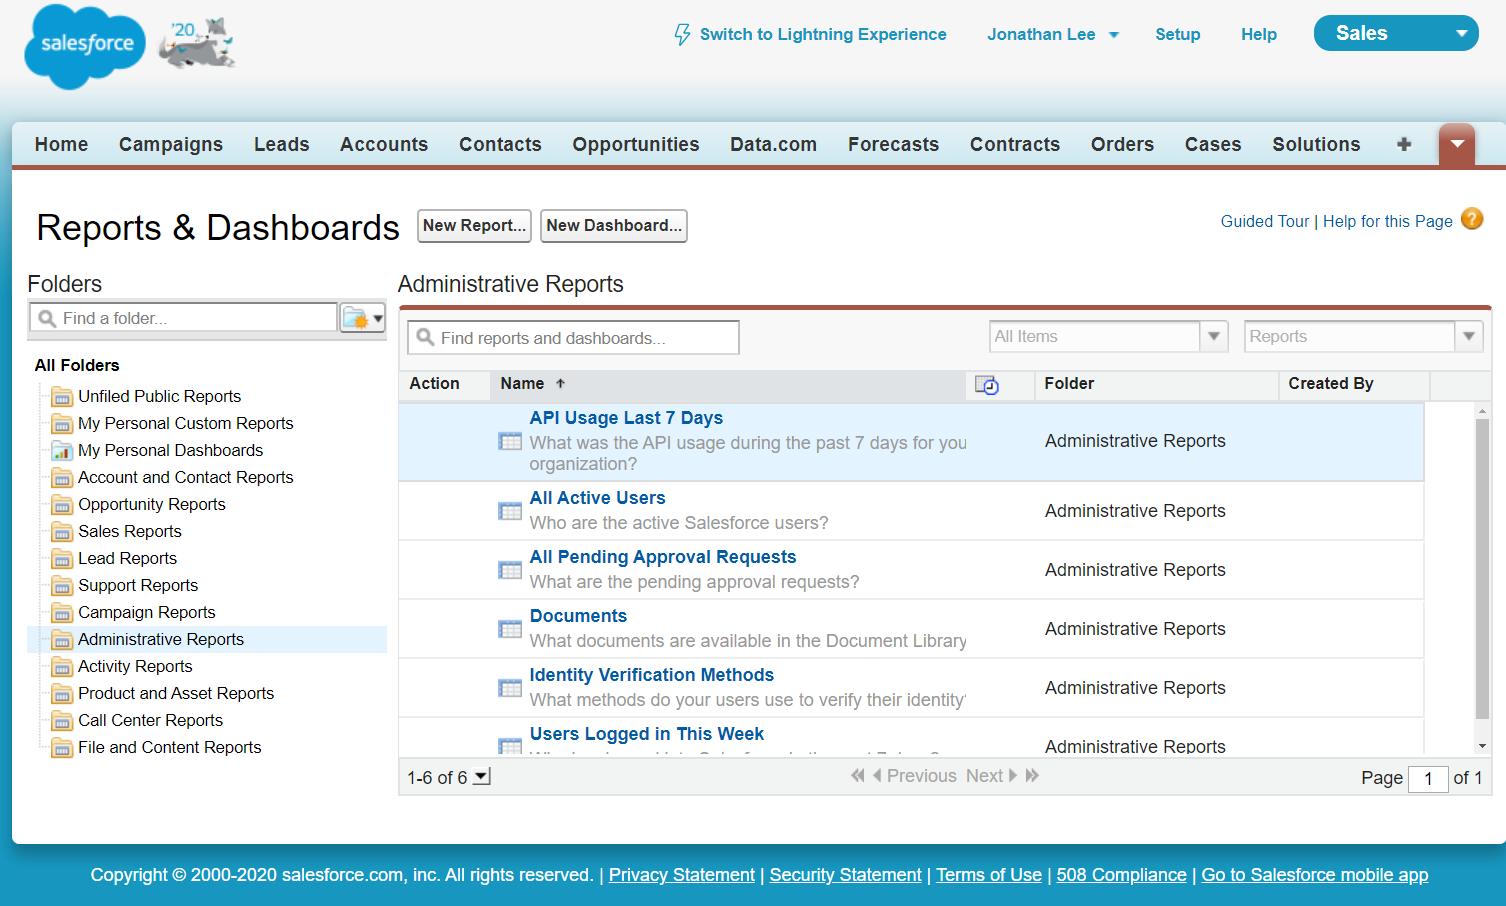 salesforce api usage report last 7 days